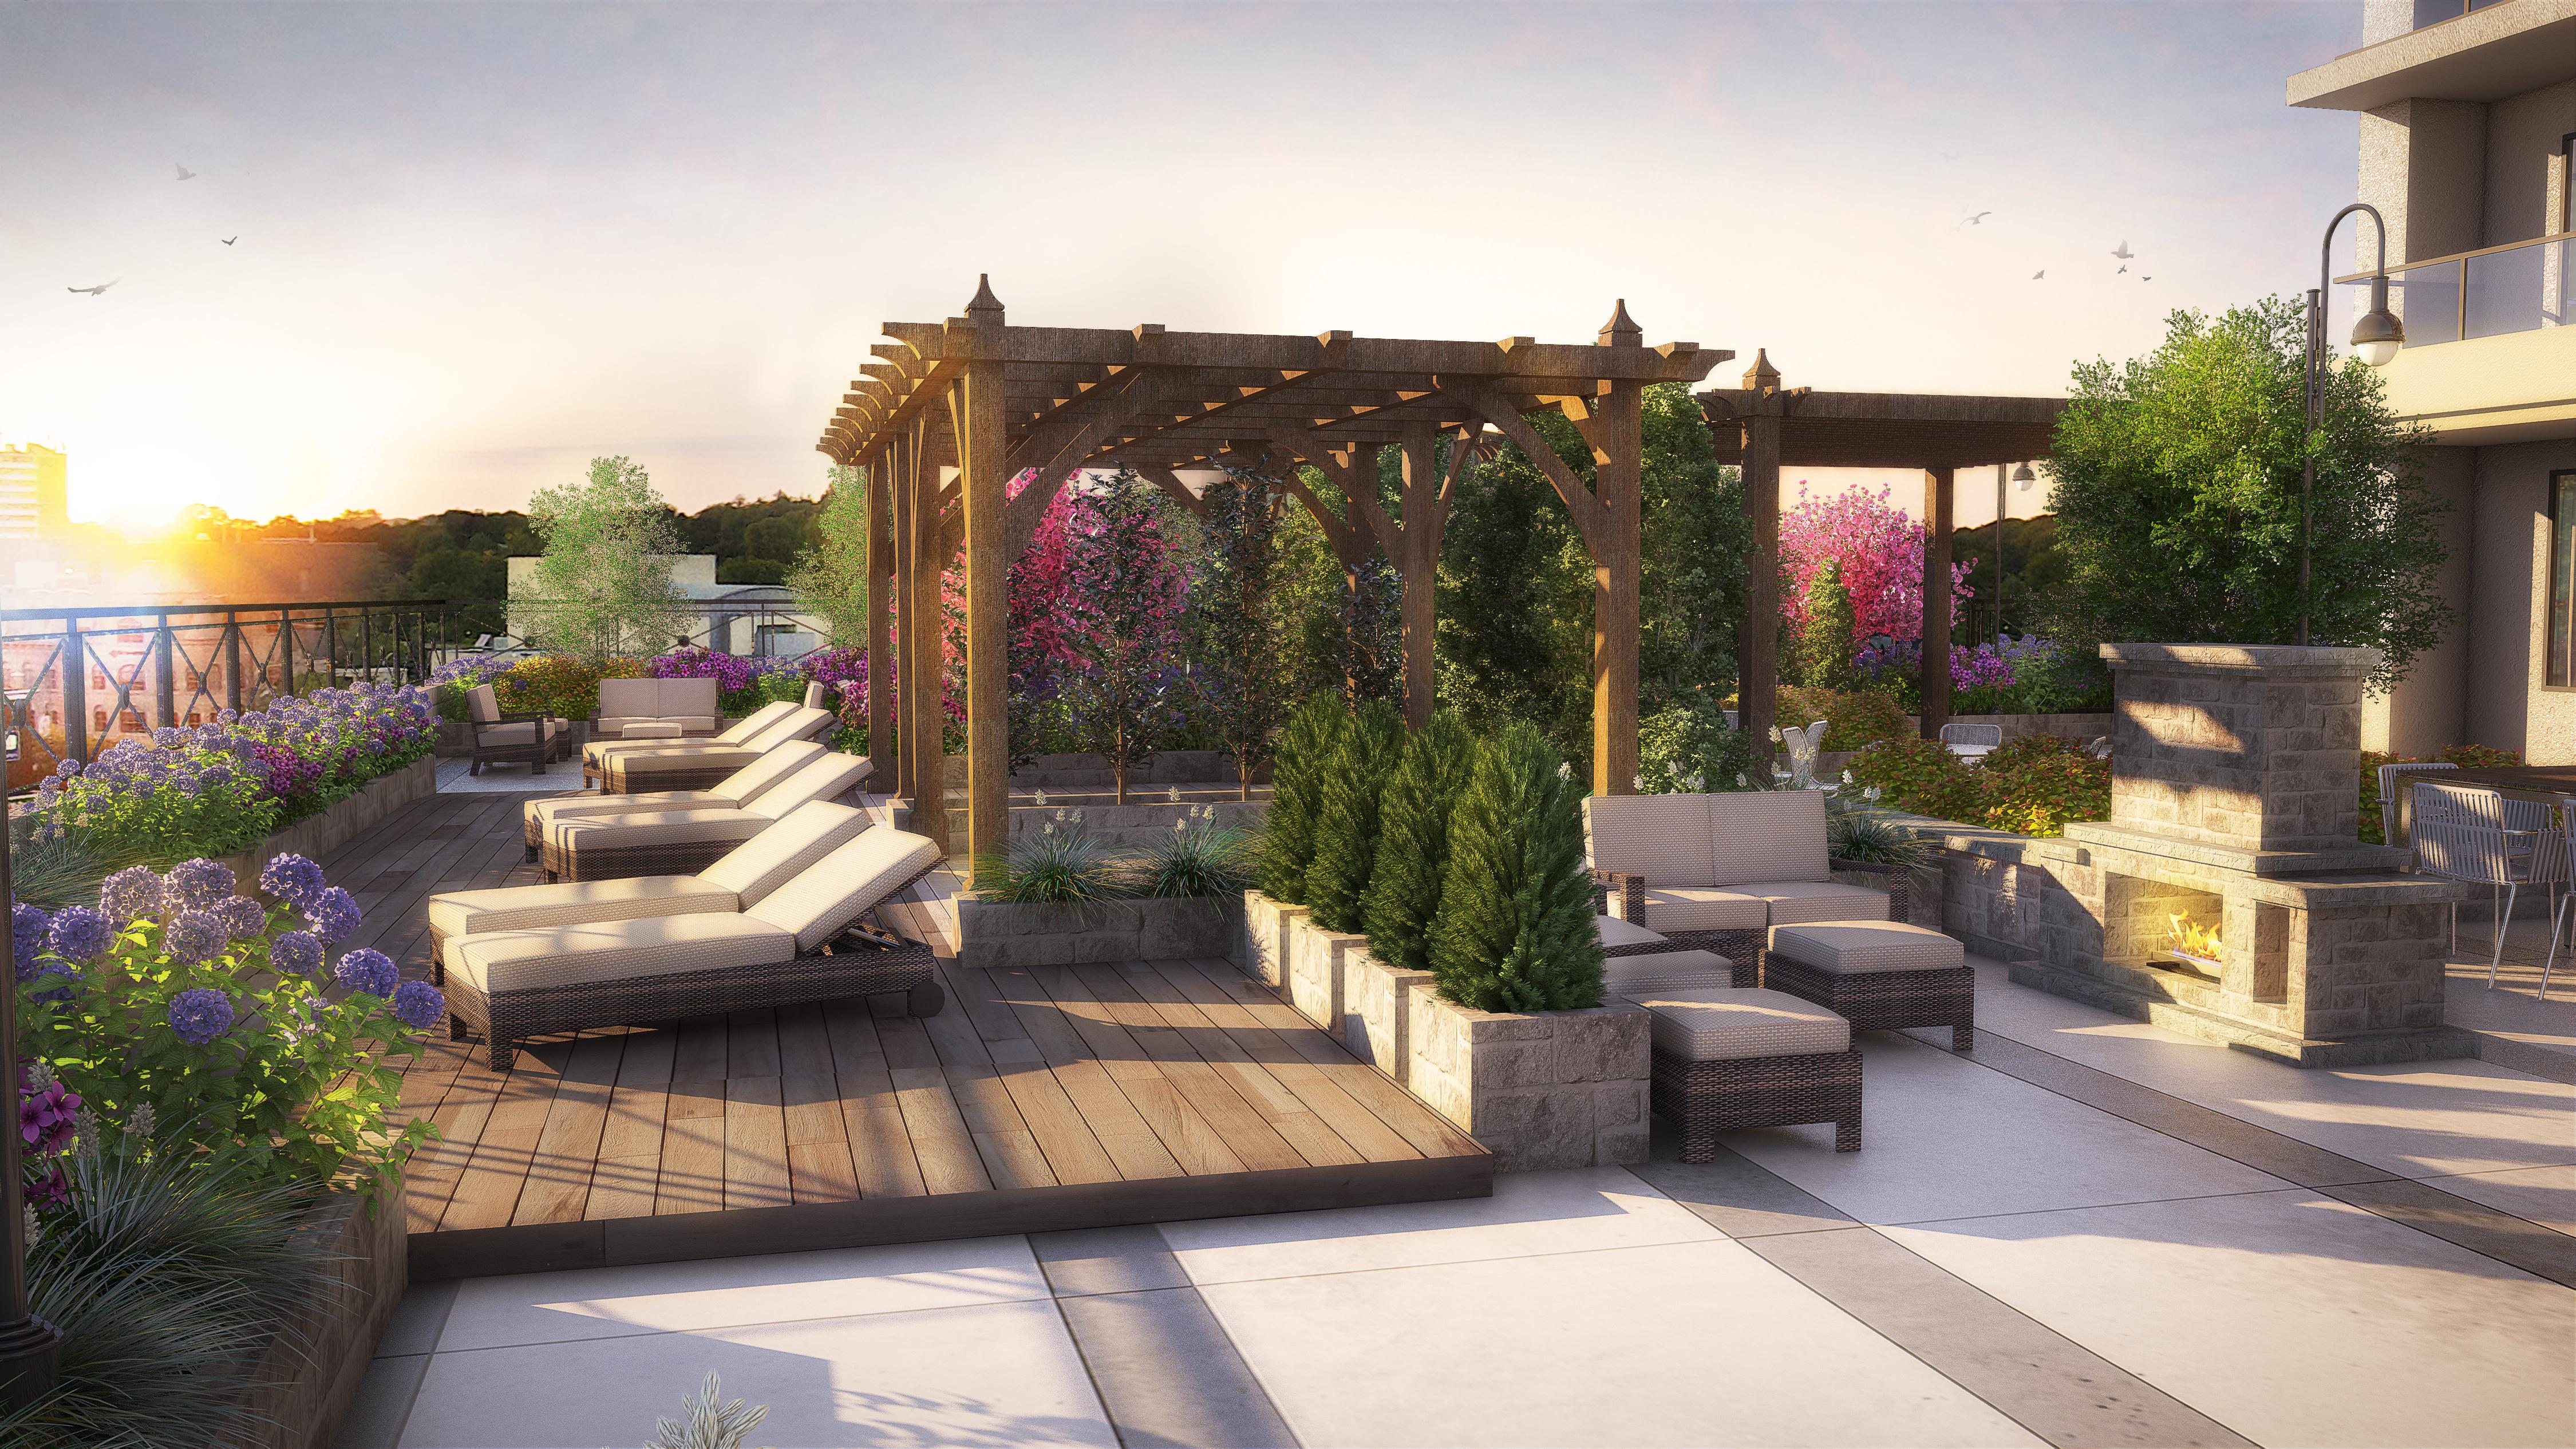 Dachterrassengestaltung  Roof terrace | Garden - Roofs & Patios | Pinterest | Pergolas ...